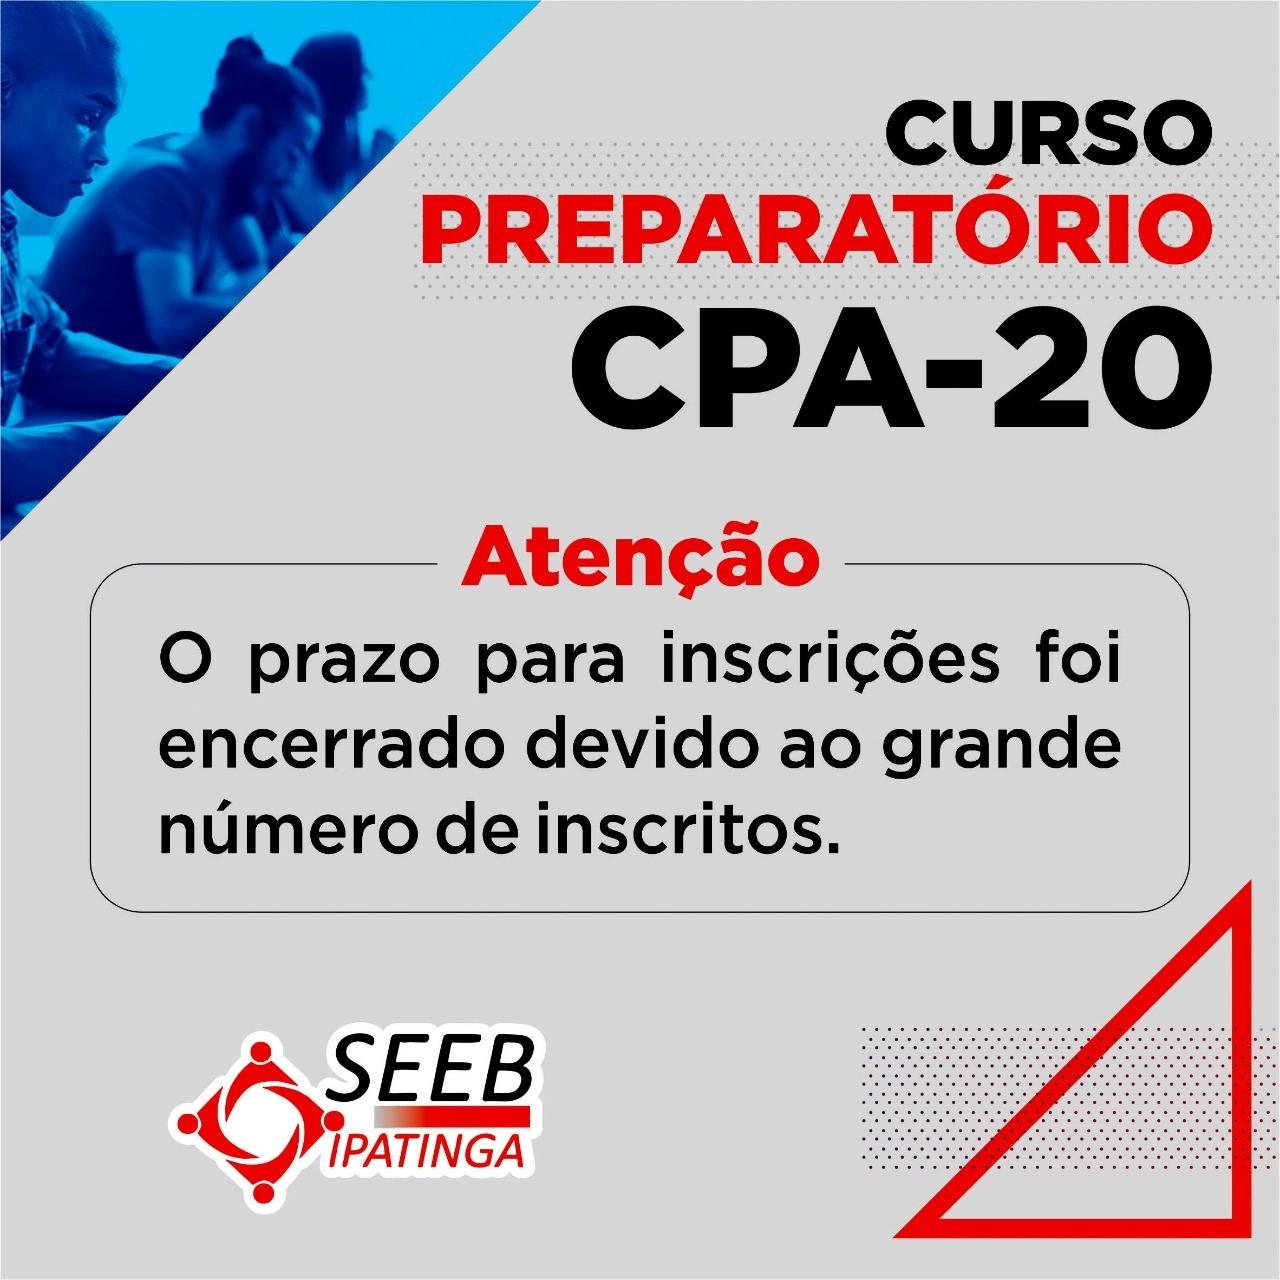 Imagem:Inscrições encerradas para curso preparatório CPA-20